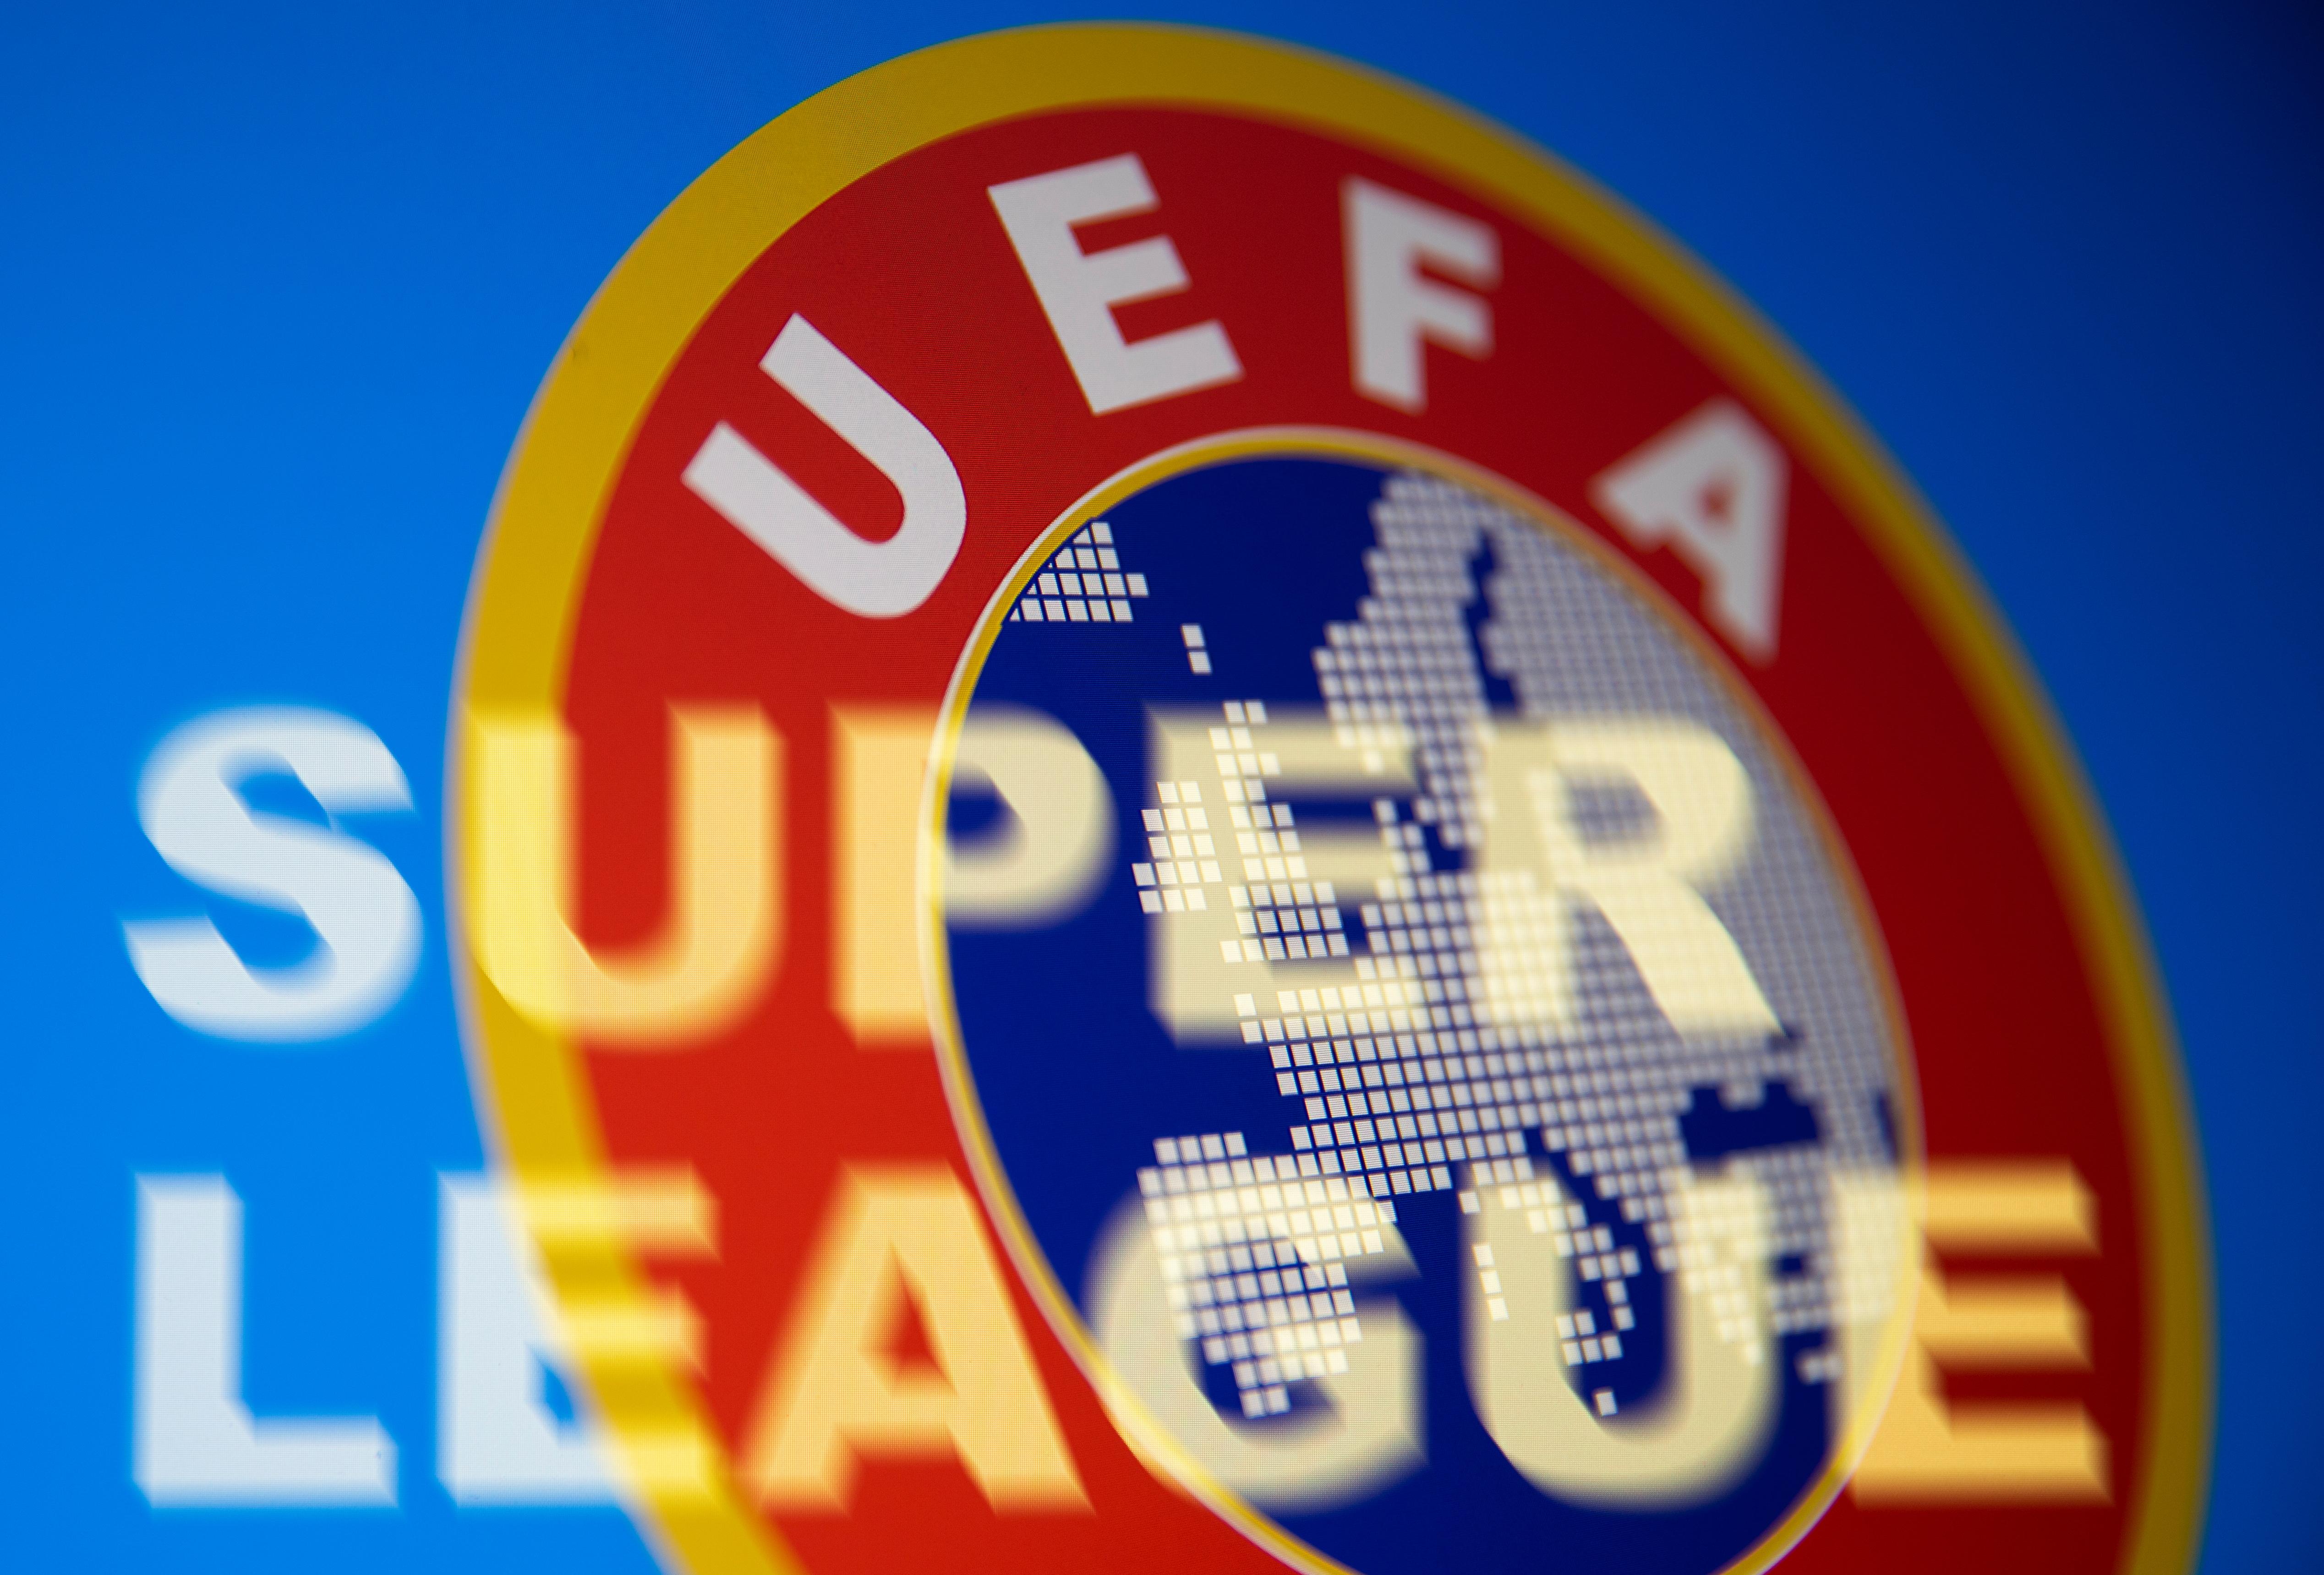 Dòng chữ Super League được nhìn thấy ở phía trước logo UEFA trong hình minh họa này được chụp vào ngày 19 tháng 4 năm 2021. REUTERS / Dado Ruvic / Hình minh họa